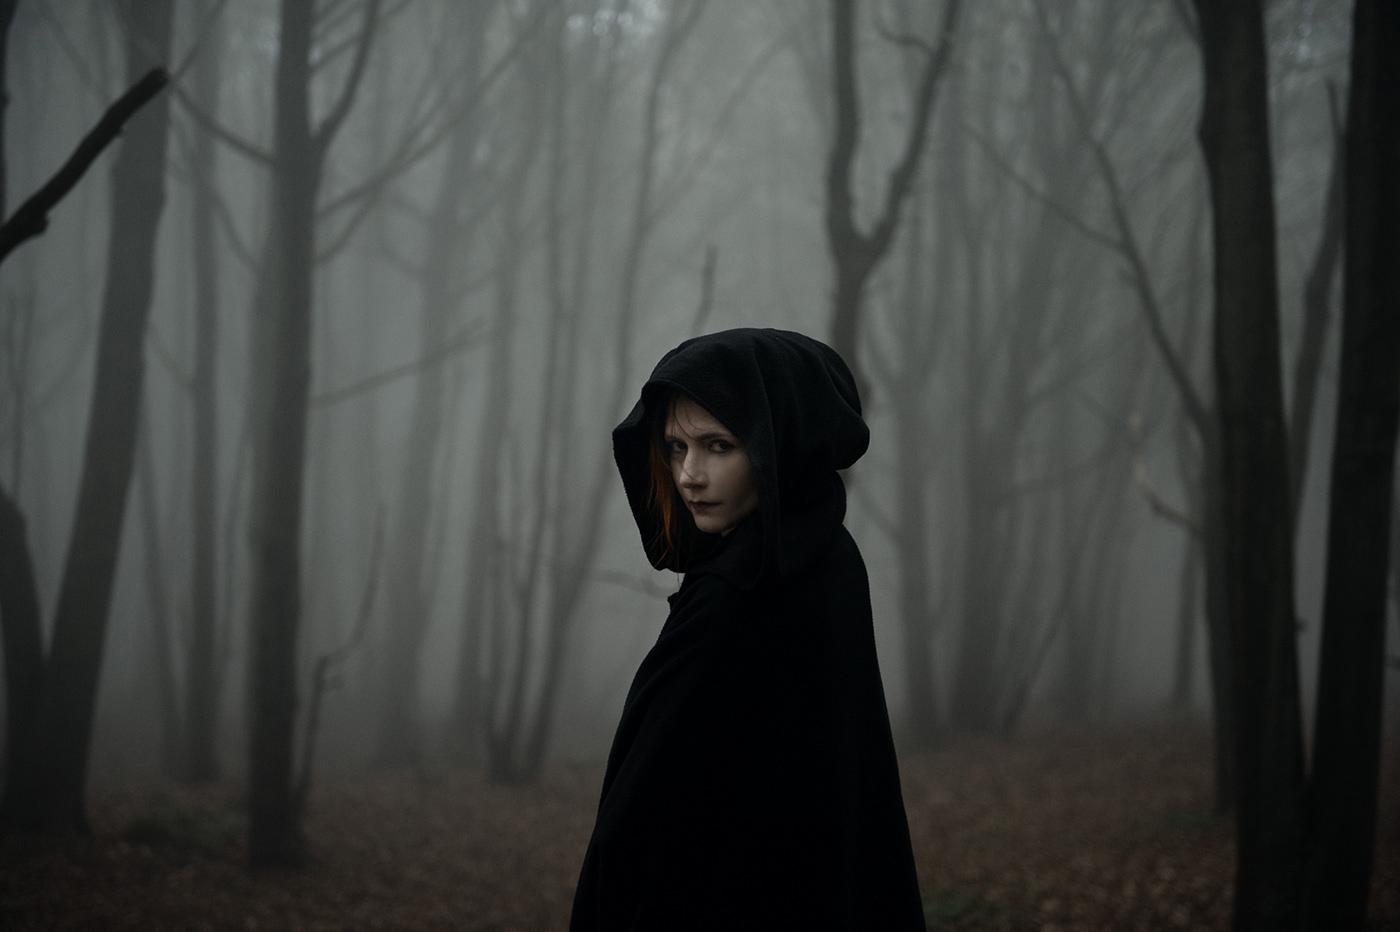 autumn wood fog dark darkness fear gothic black